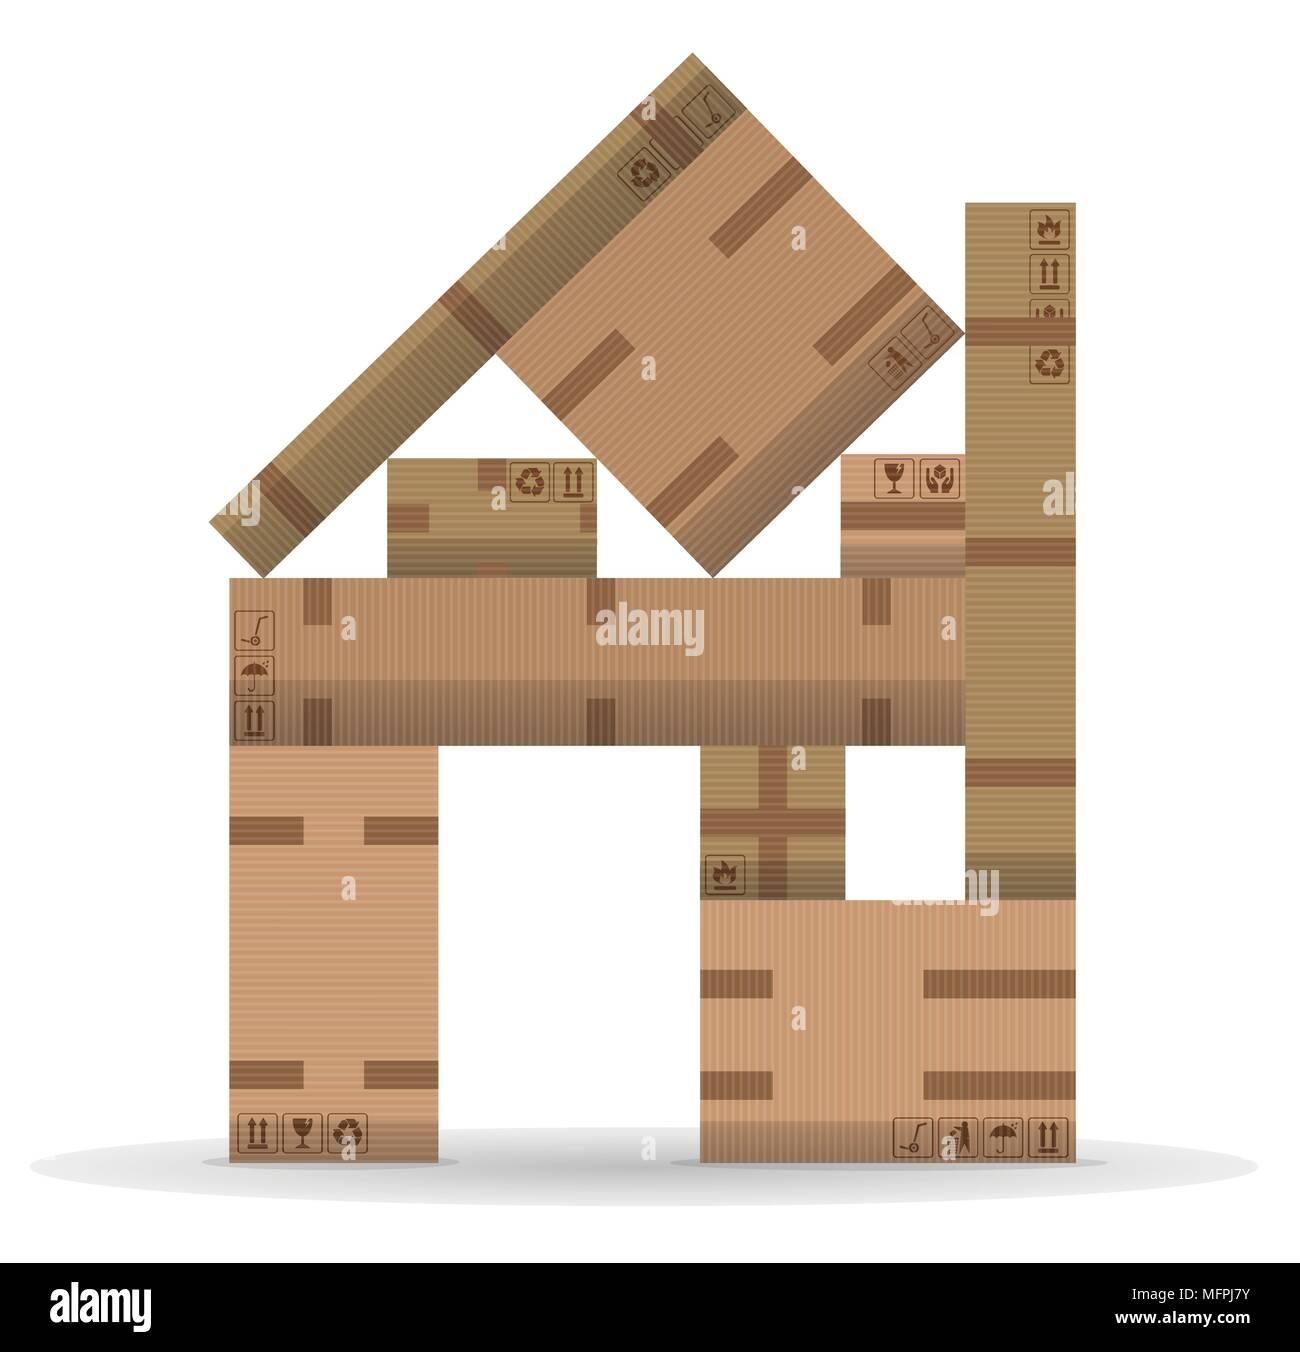 Déménagement Maison avec des boîtes en carton. Tous les objets et symboles sont d'emballage dans des couches différentes. Photo Stock